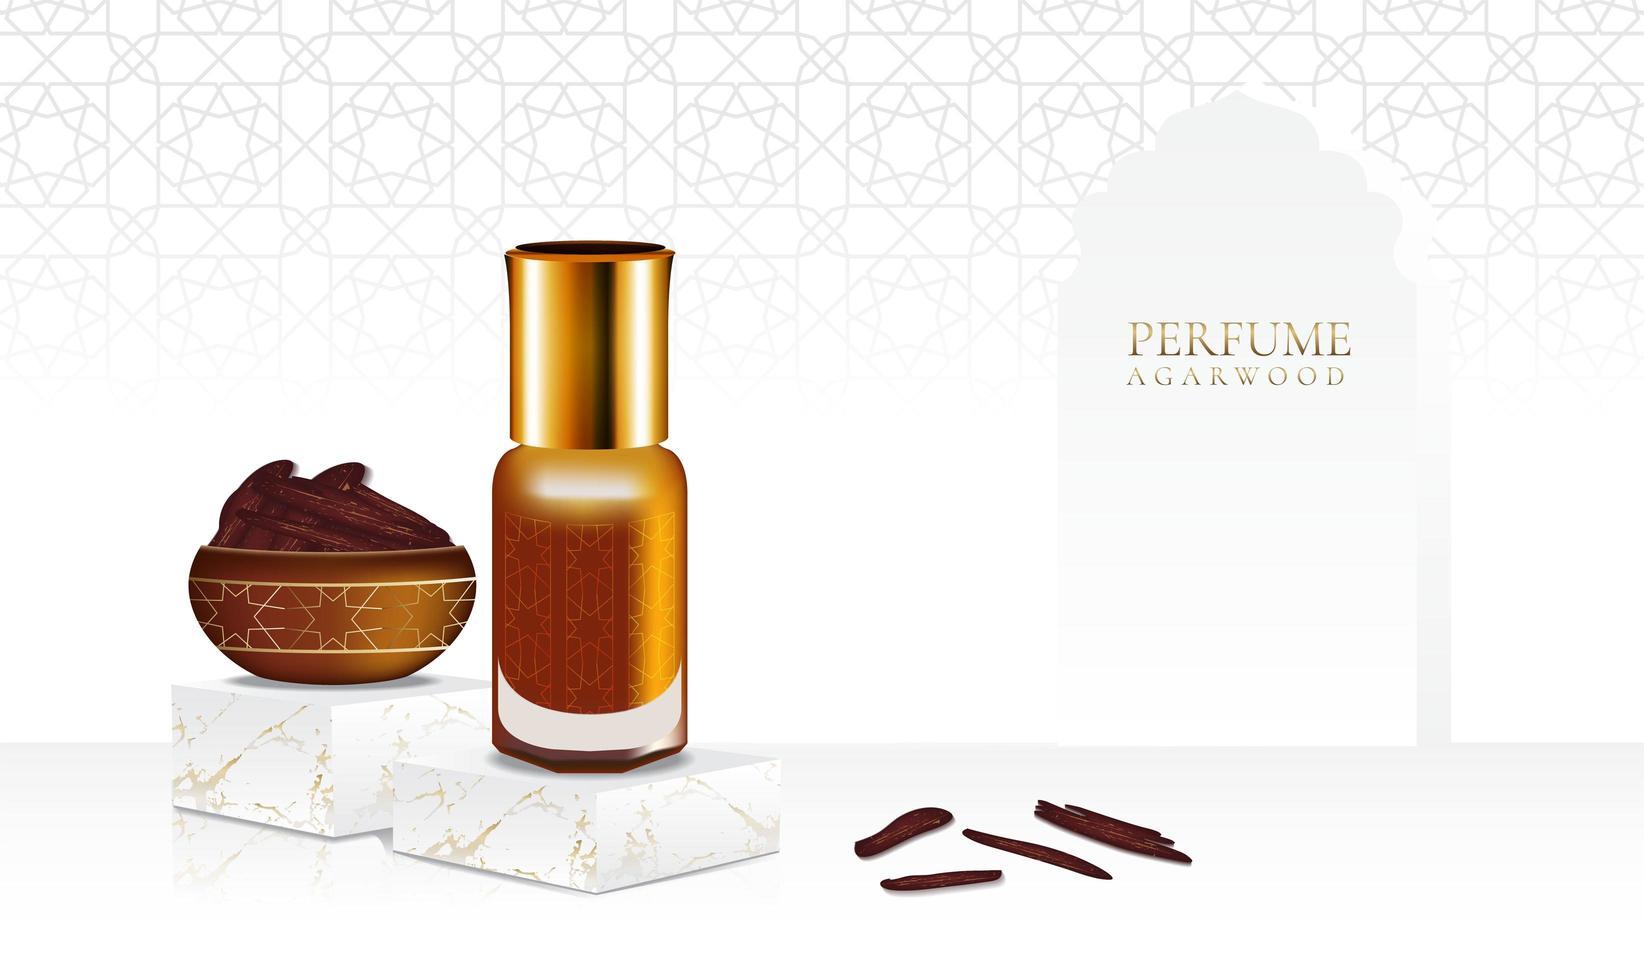 Perfume de madera de agar sobre soporte de mármol con botella aislante vector